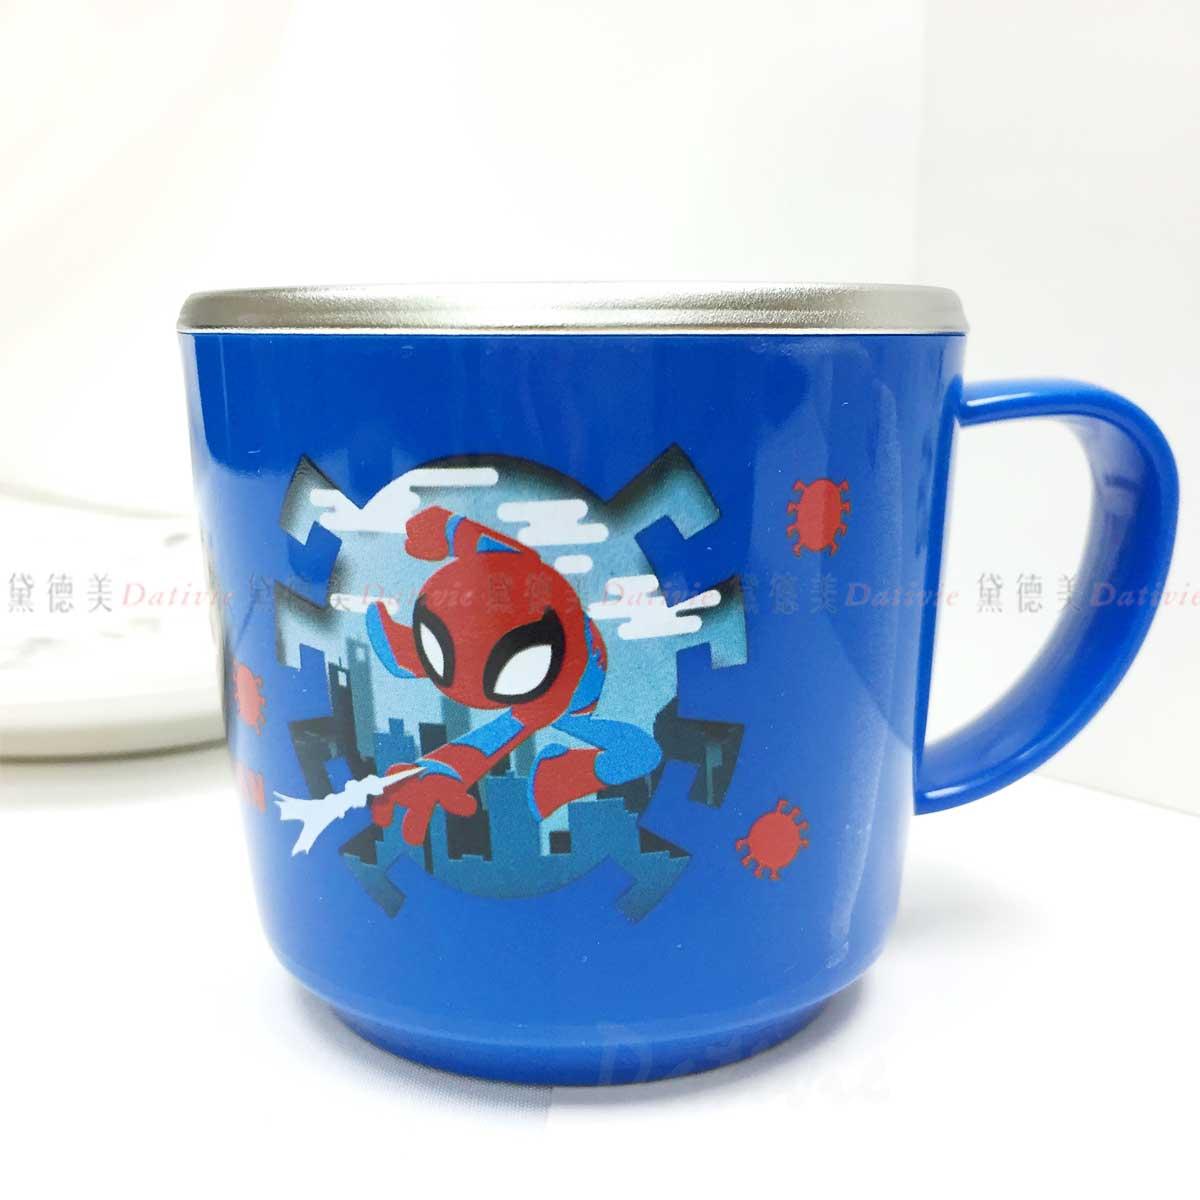 不鏽鋼杯 250ml-蜘蛛人 Spider Man 漫威 迪士尼 DISNEY MARVEL LILFANT 韓國進口正版授權